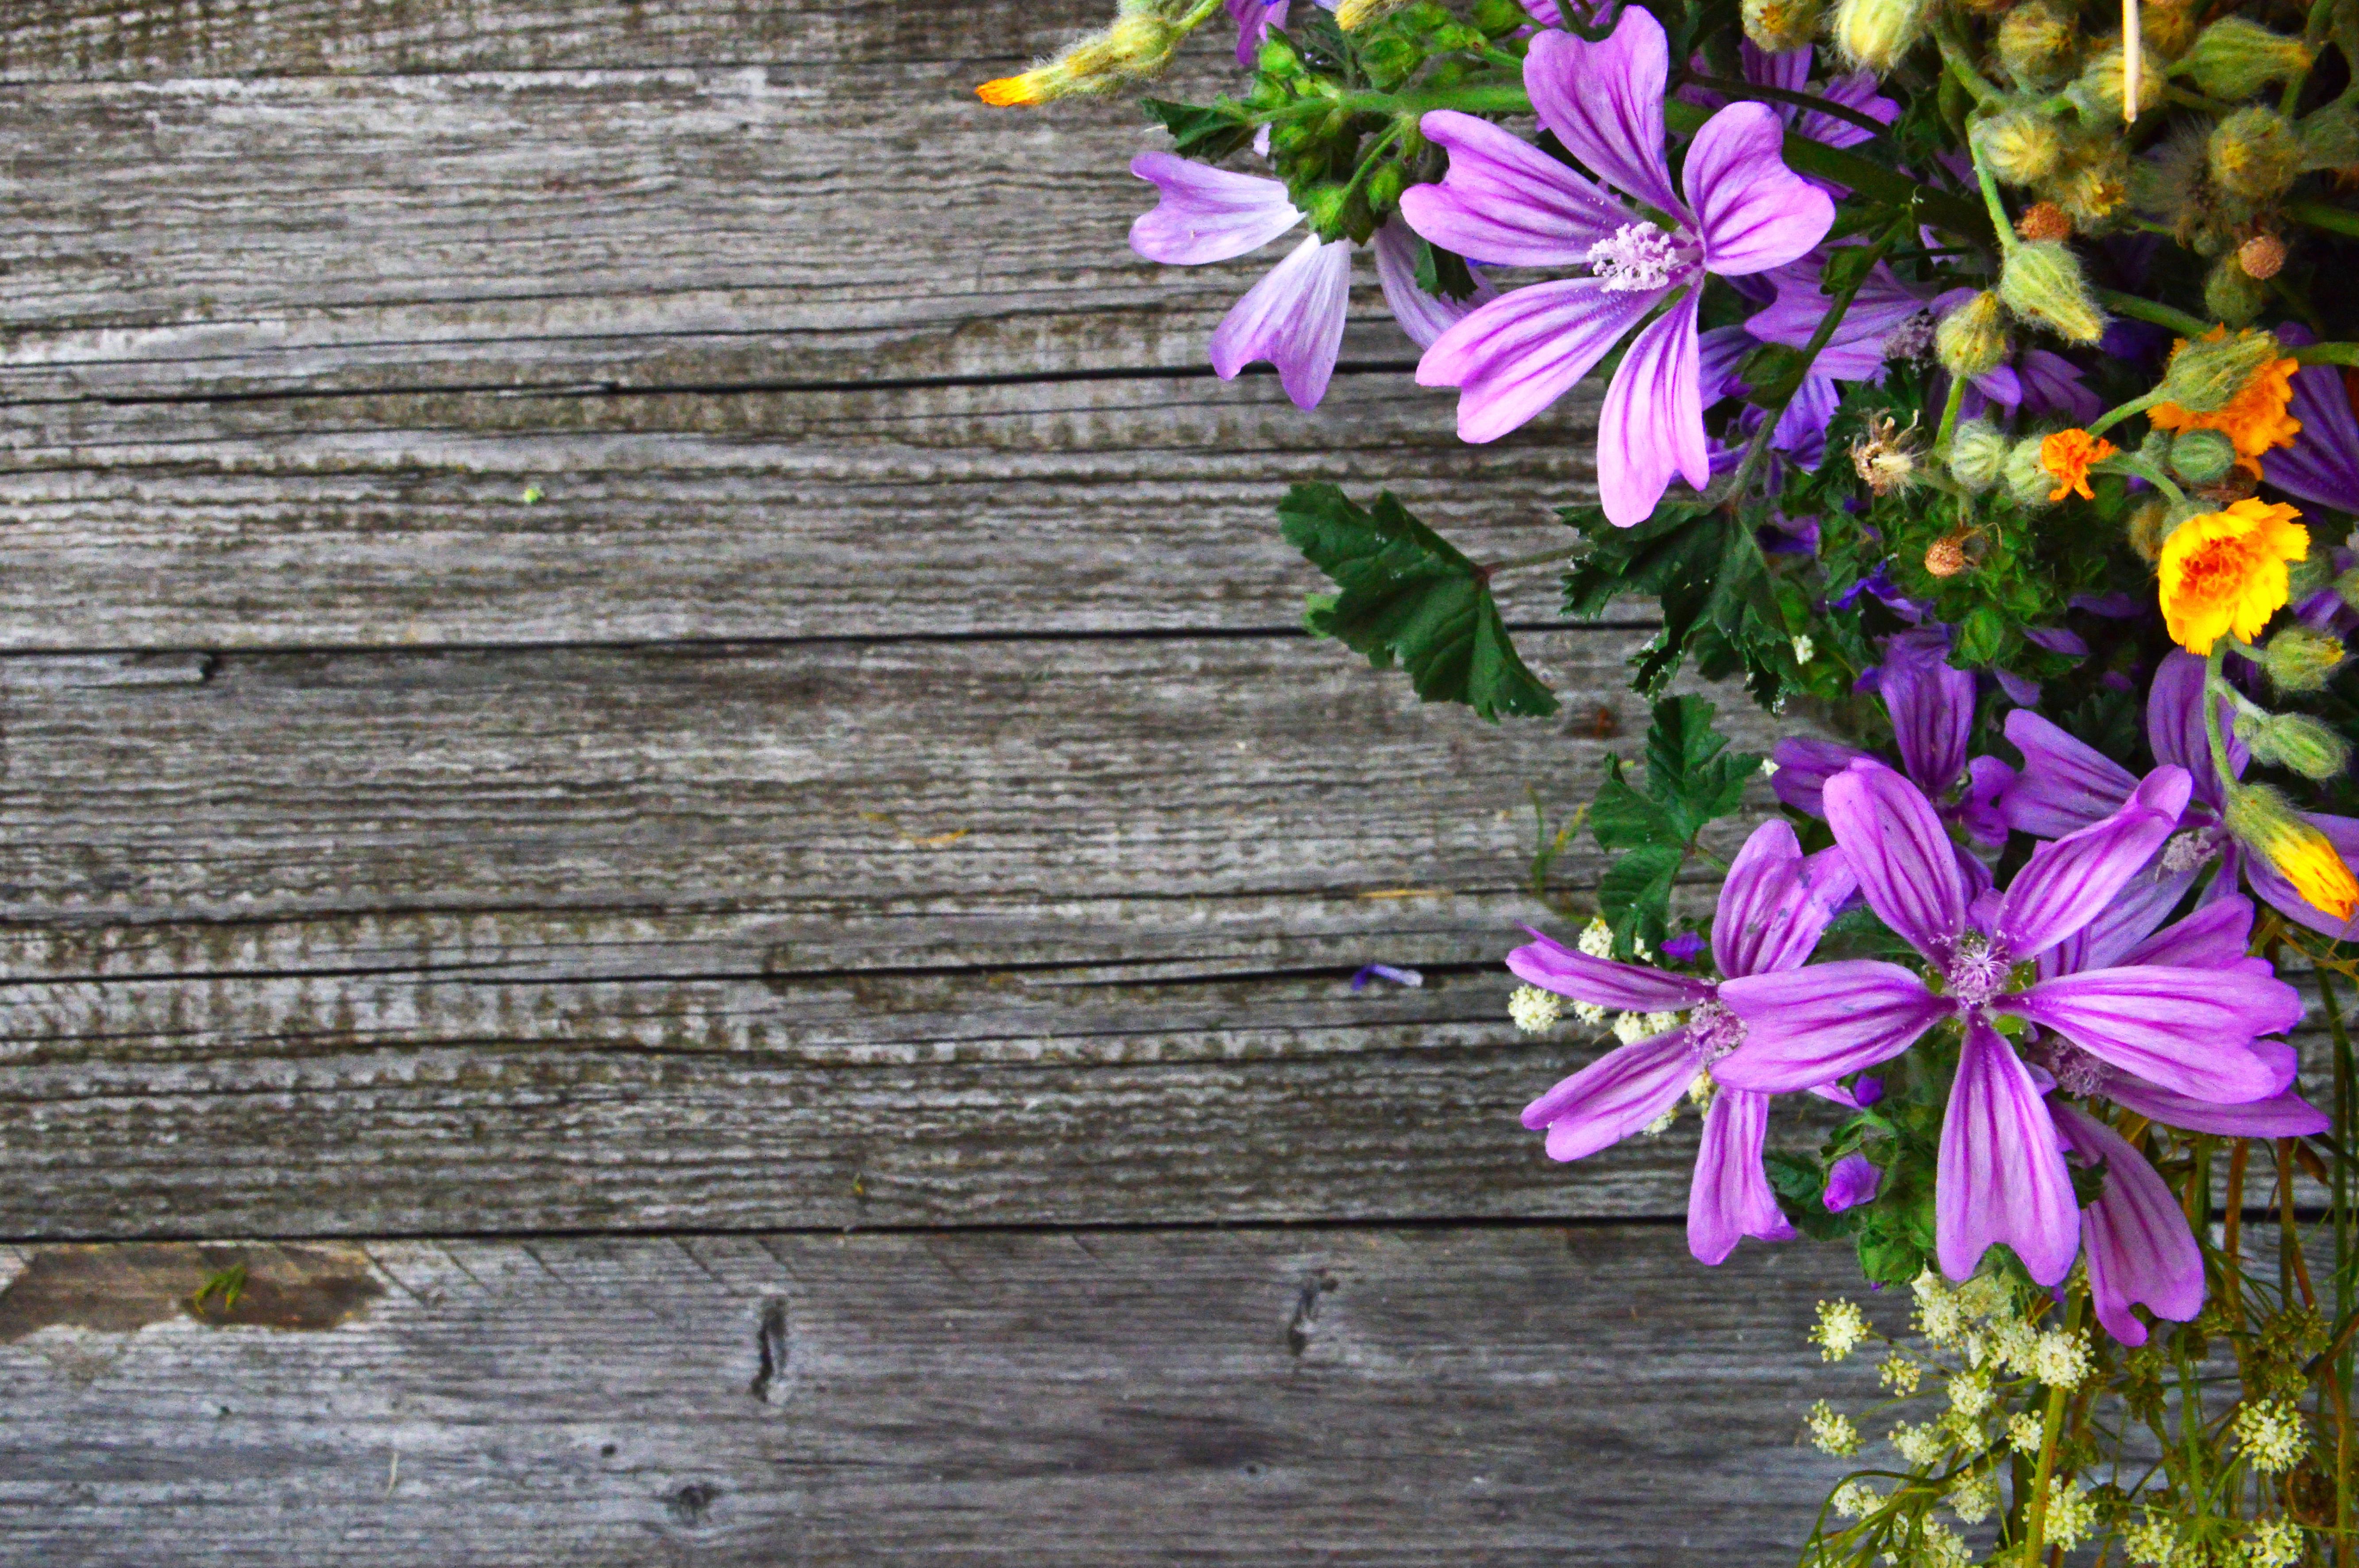 Poze Fundal Frumoasa Frumuseţe Buchet Culoare Colorat